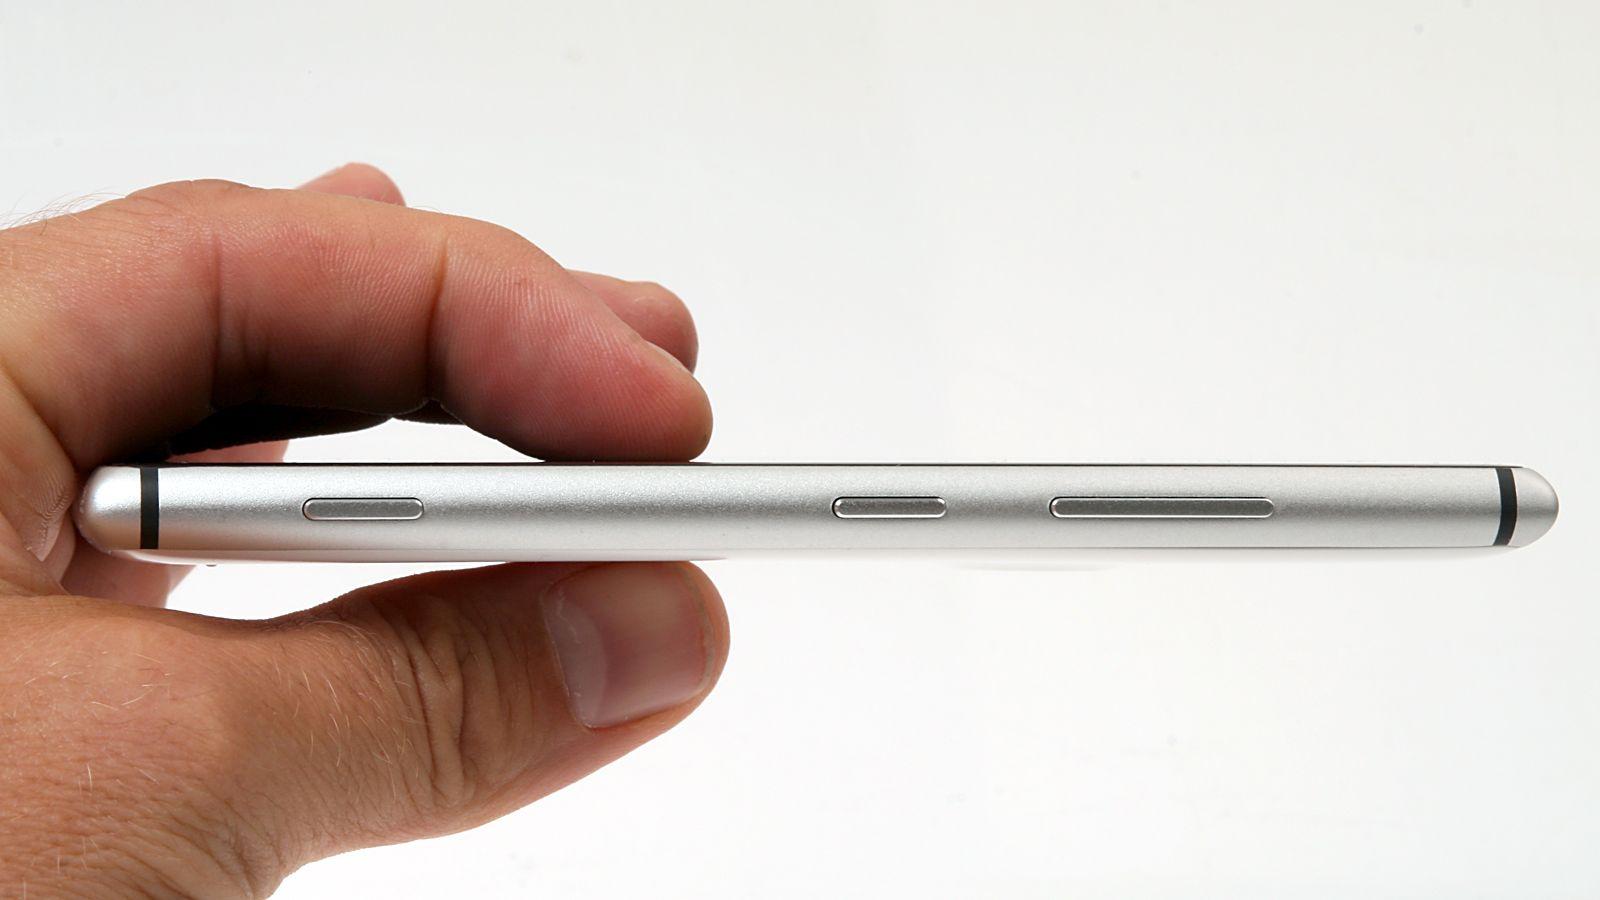 På høyre side av telefonen finner du volumknapper, av/på-knapp og en kameraknapp.Foto: Kurt Lekanger, Amobil.no